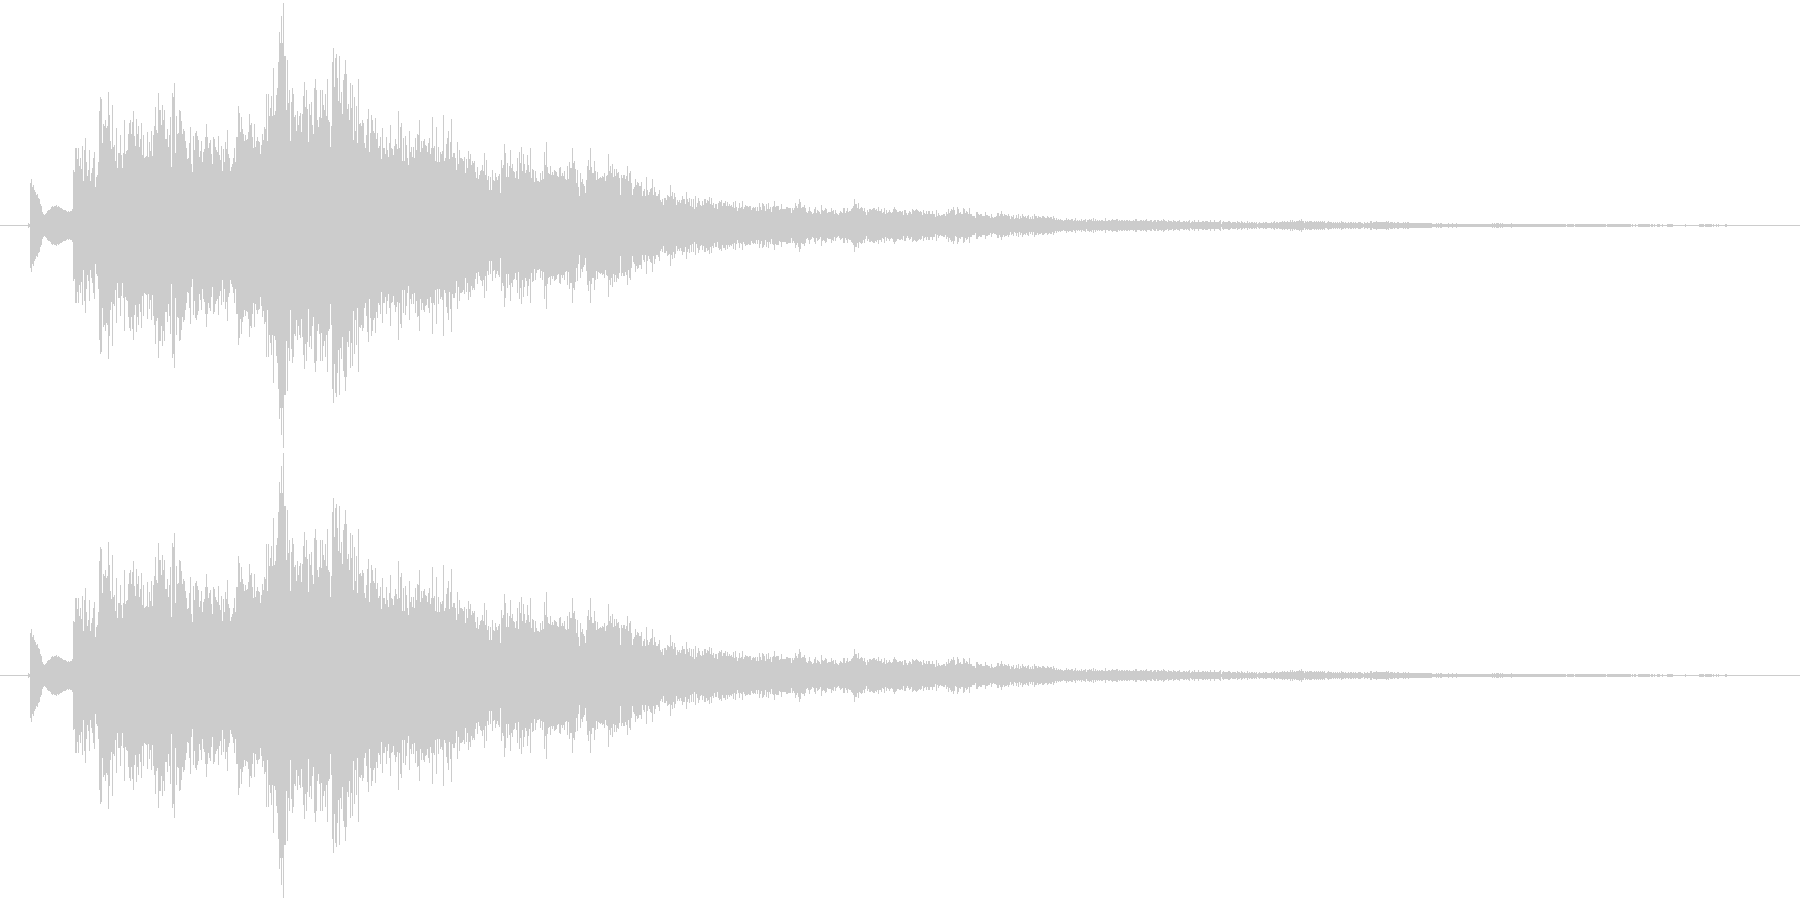 ツリーチャイムによるキラキラ音 上昇の未再生の波形